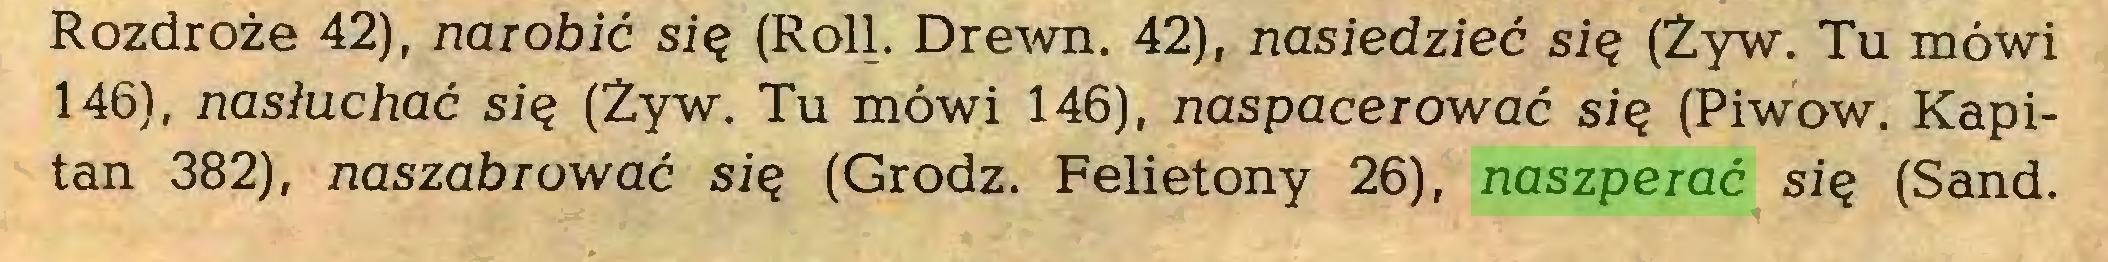 (...) Rozdroże 42), narobić się (Roli. Drewn. 42), nasiedzieć się (Żyw. Tu mówi 146), nasłuchać się (Żyw. Tu mówi 146), naspacerować się (Piwow. Kapitan 382), naszabrować się (Grodz. Felietony 26), naszperać się (Sand...